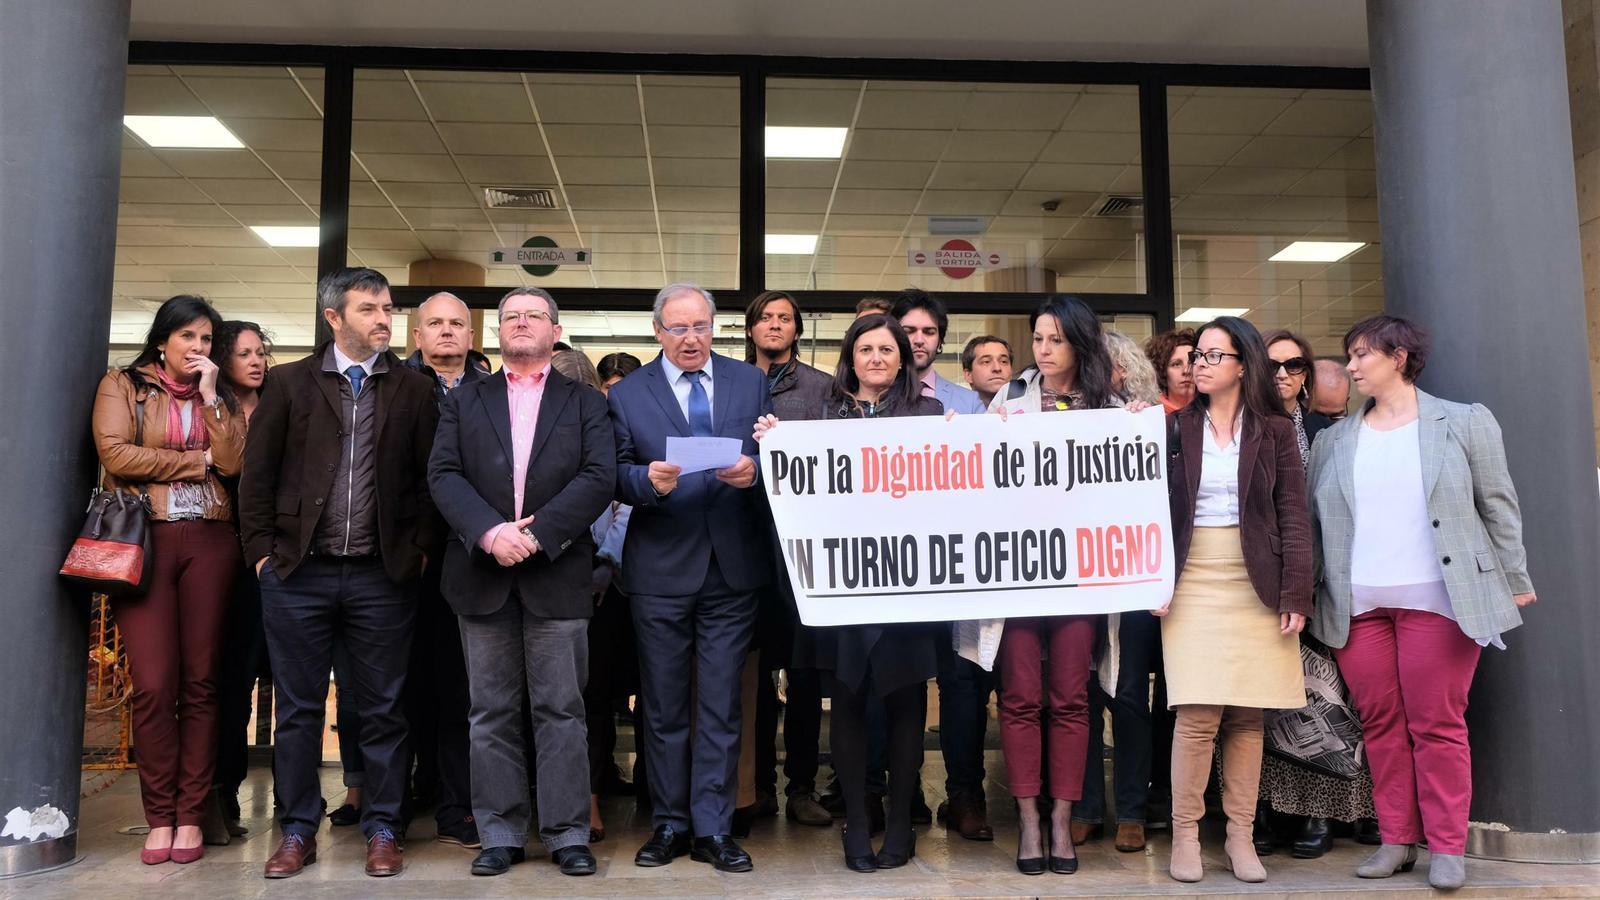 """Una trentena d'advocats del torn d'ofici es concentra davant el Jutjat de Sa Gerreria per reclamar """"dignitat"""""""